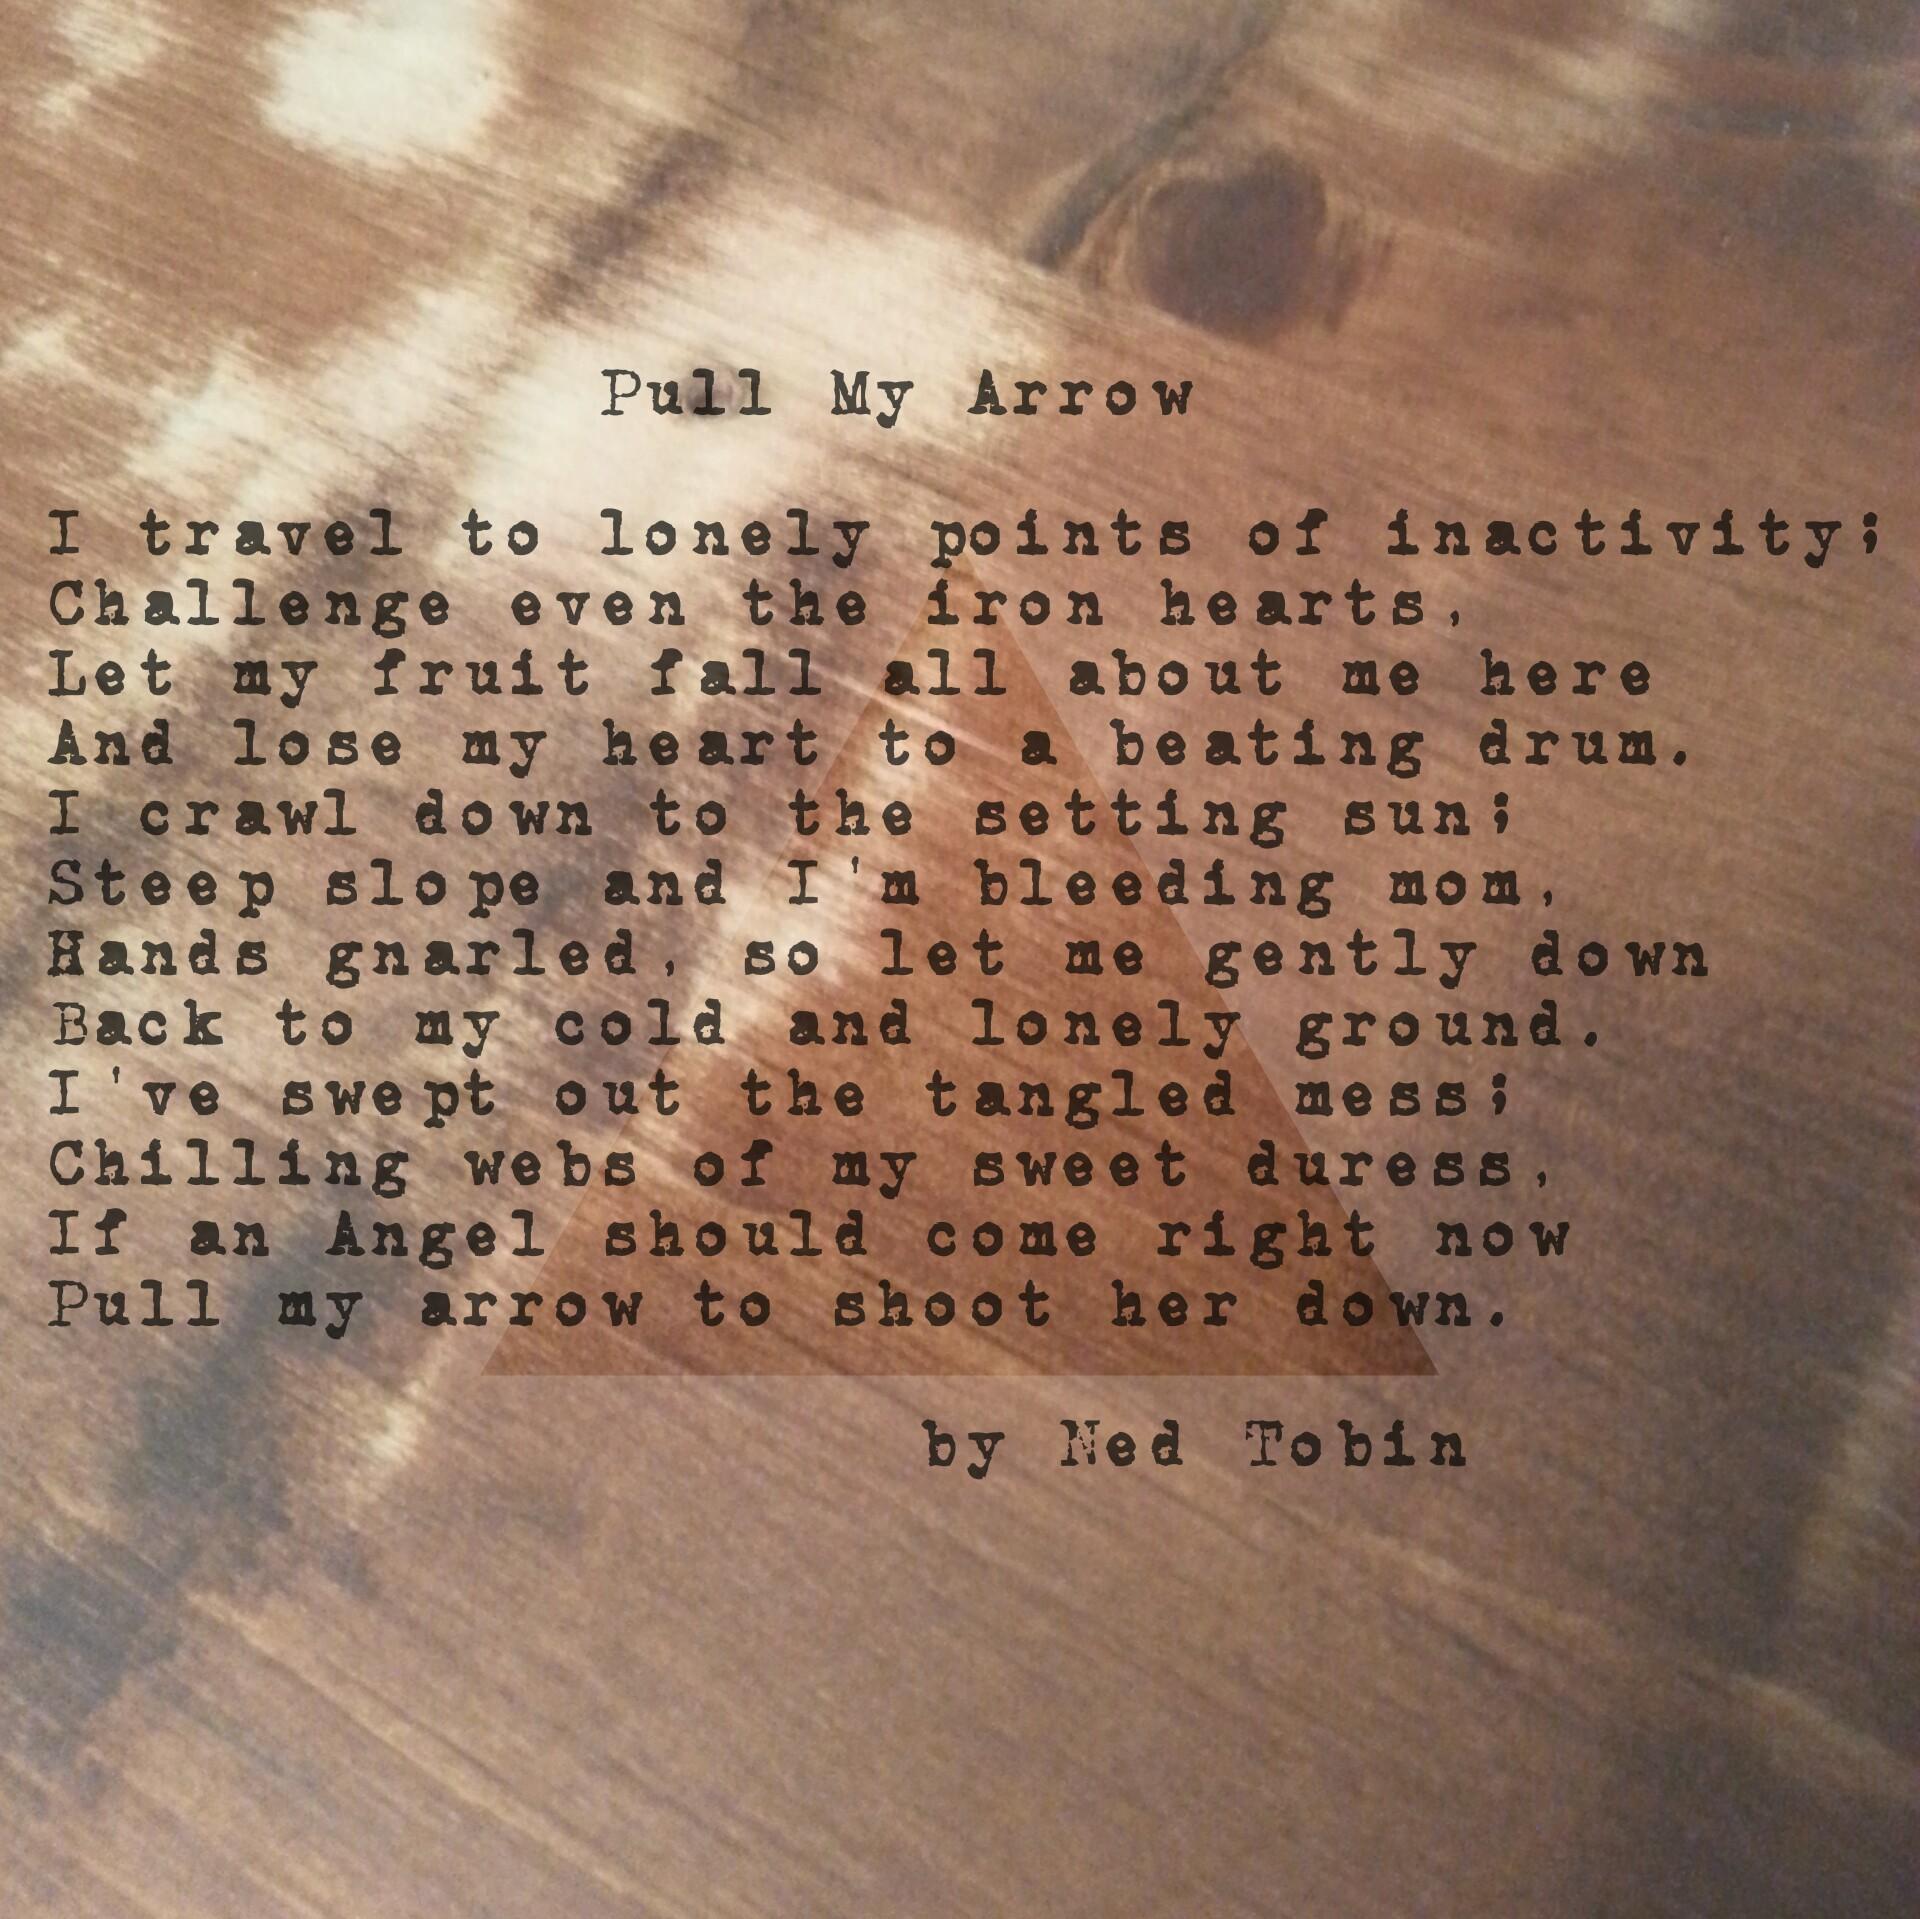 Pull My Arrow by Ned Tobin